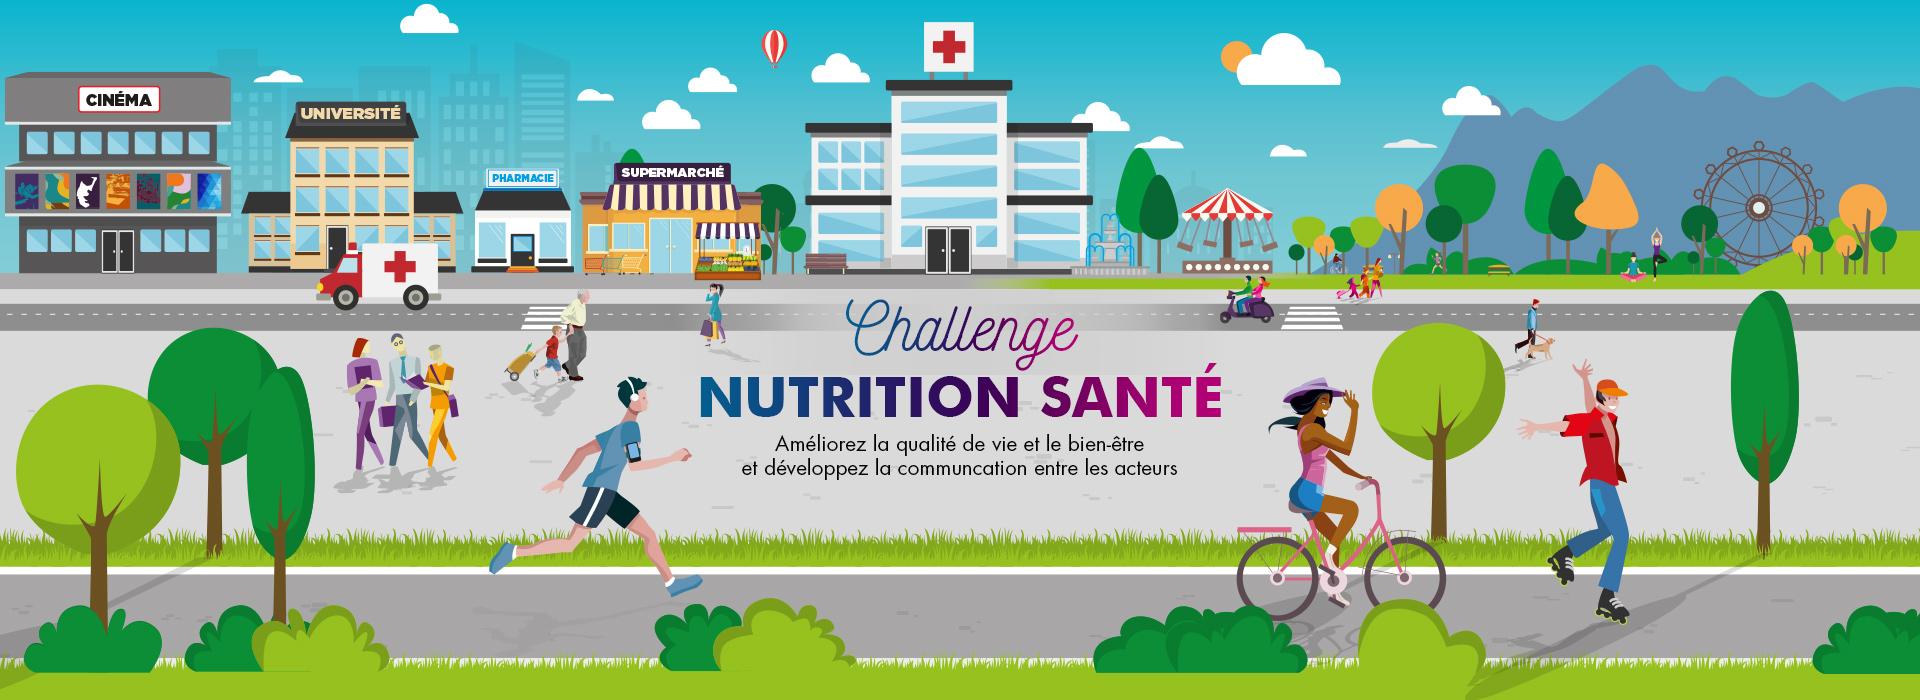 Challenge Nutrition SanteÌ _V2